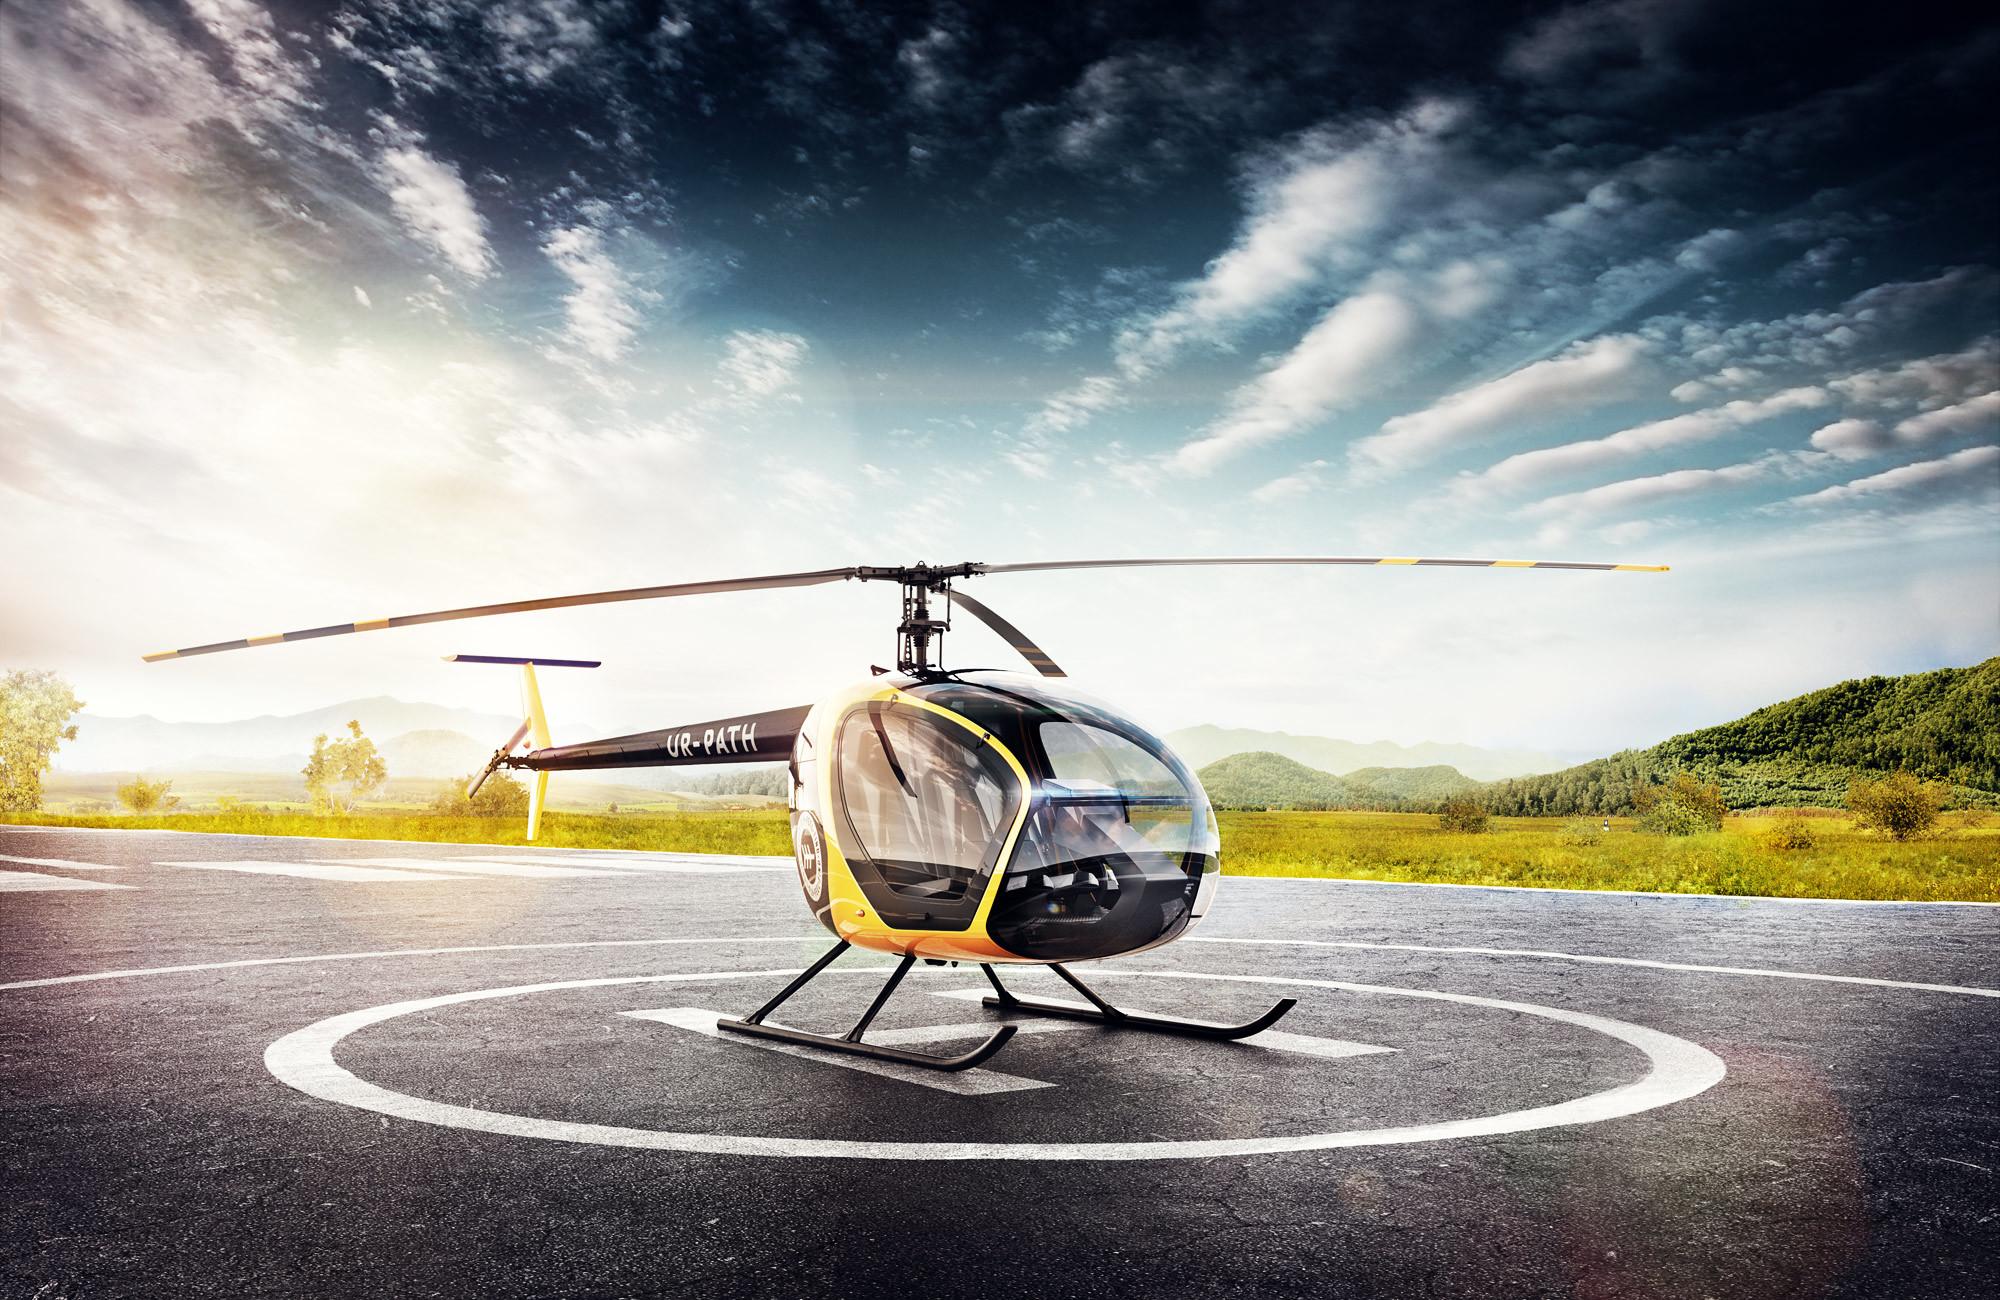 109093 Hintergrundbild herunterladen Hubschrauber, Verschiedenes, Sonstige, Ausziehen, Starten, Abheben, Losfahren, Start, Sl-230, Scout, Erkunden - Bildschirmschoner und Bilder kostenlos